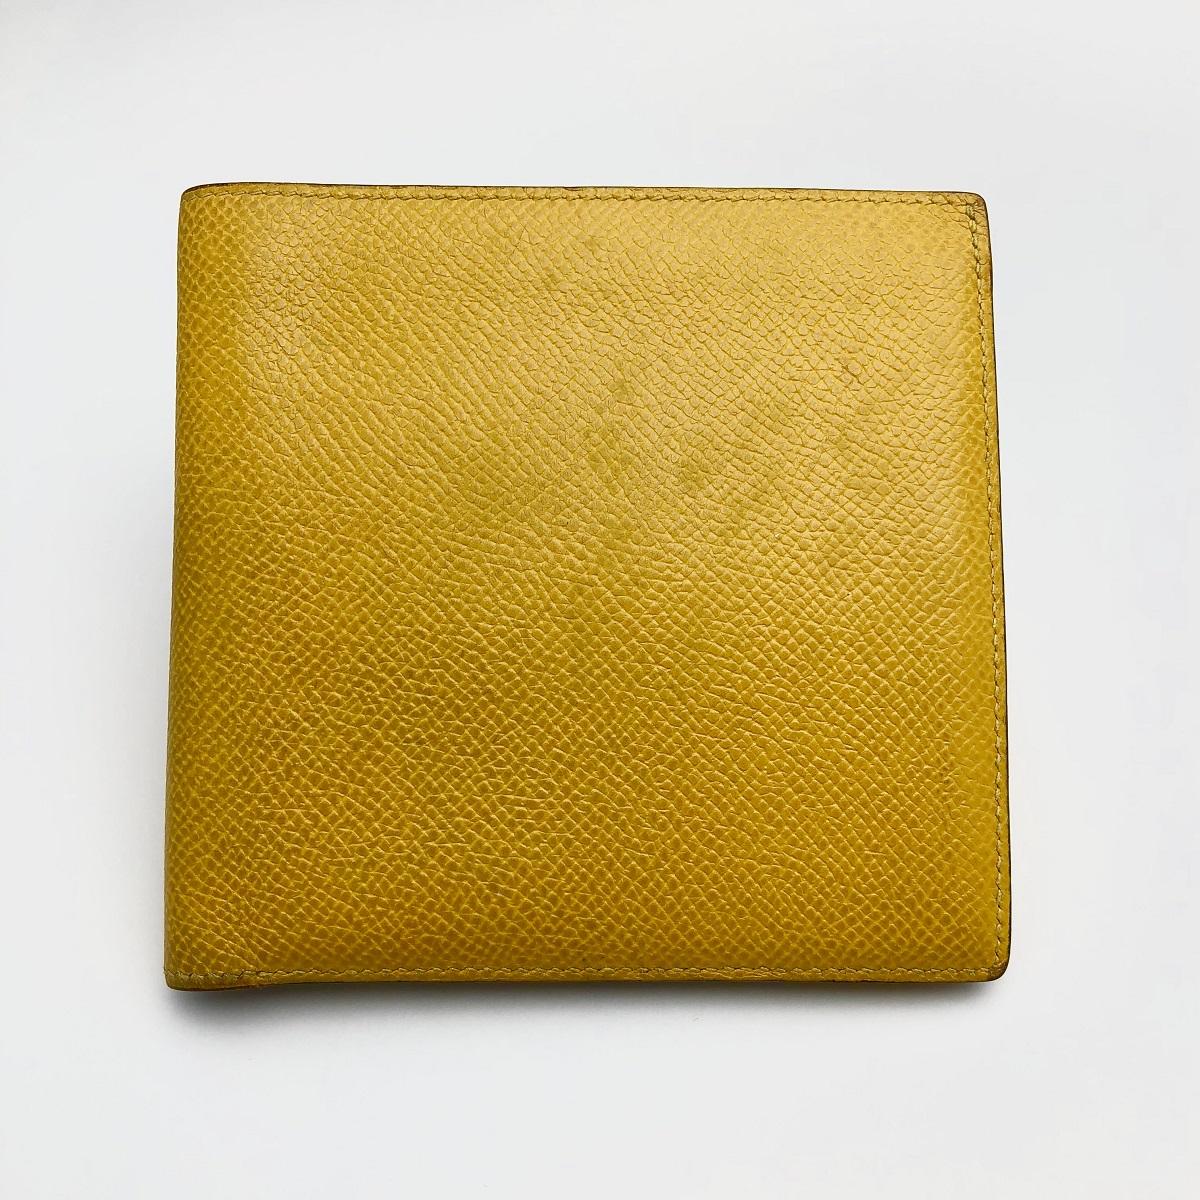 HERMES エルメス 二つ折財布 クシュベル イエロー 【トレジャースポット】【中古】